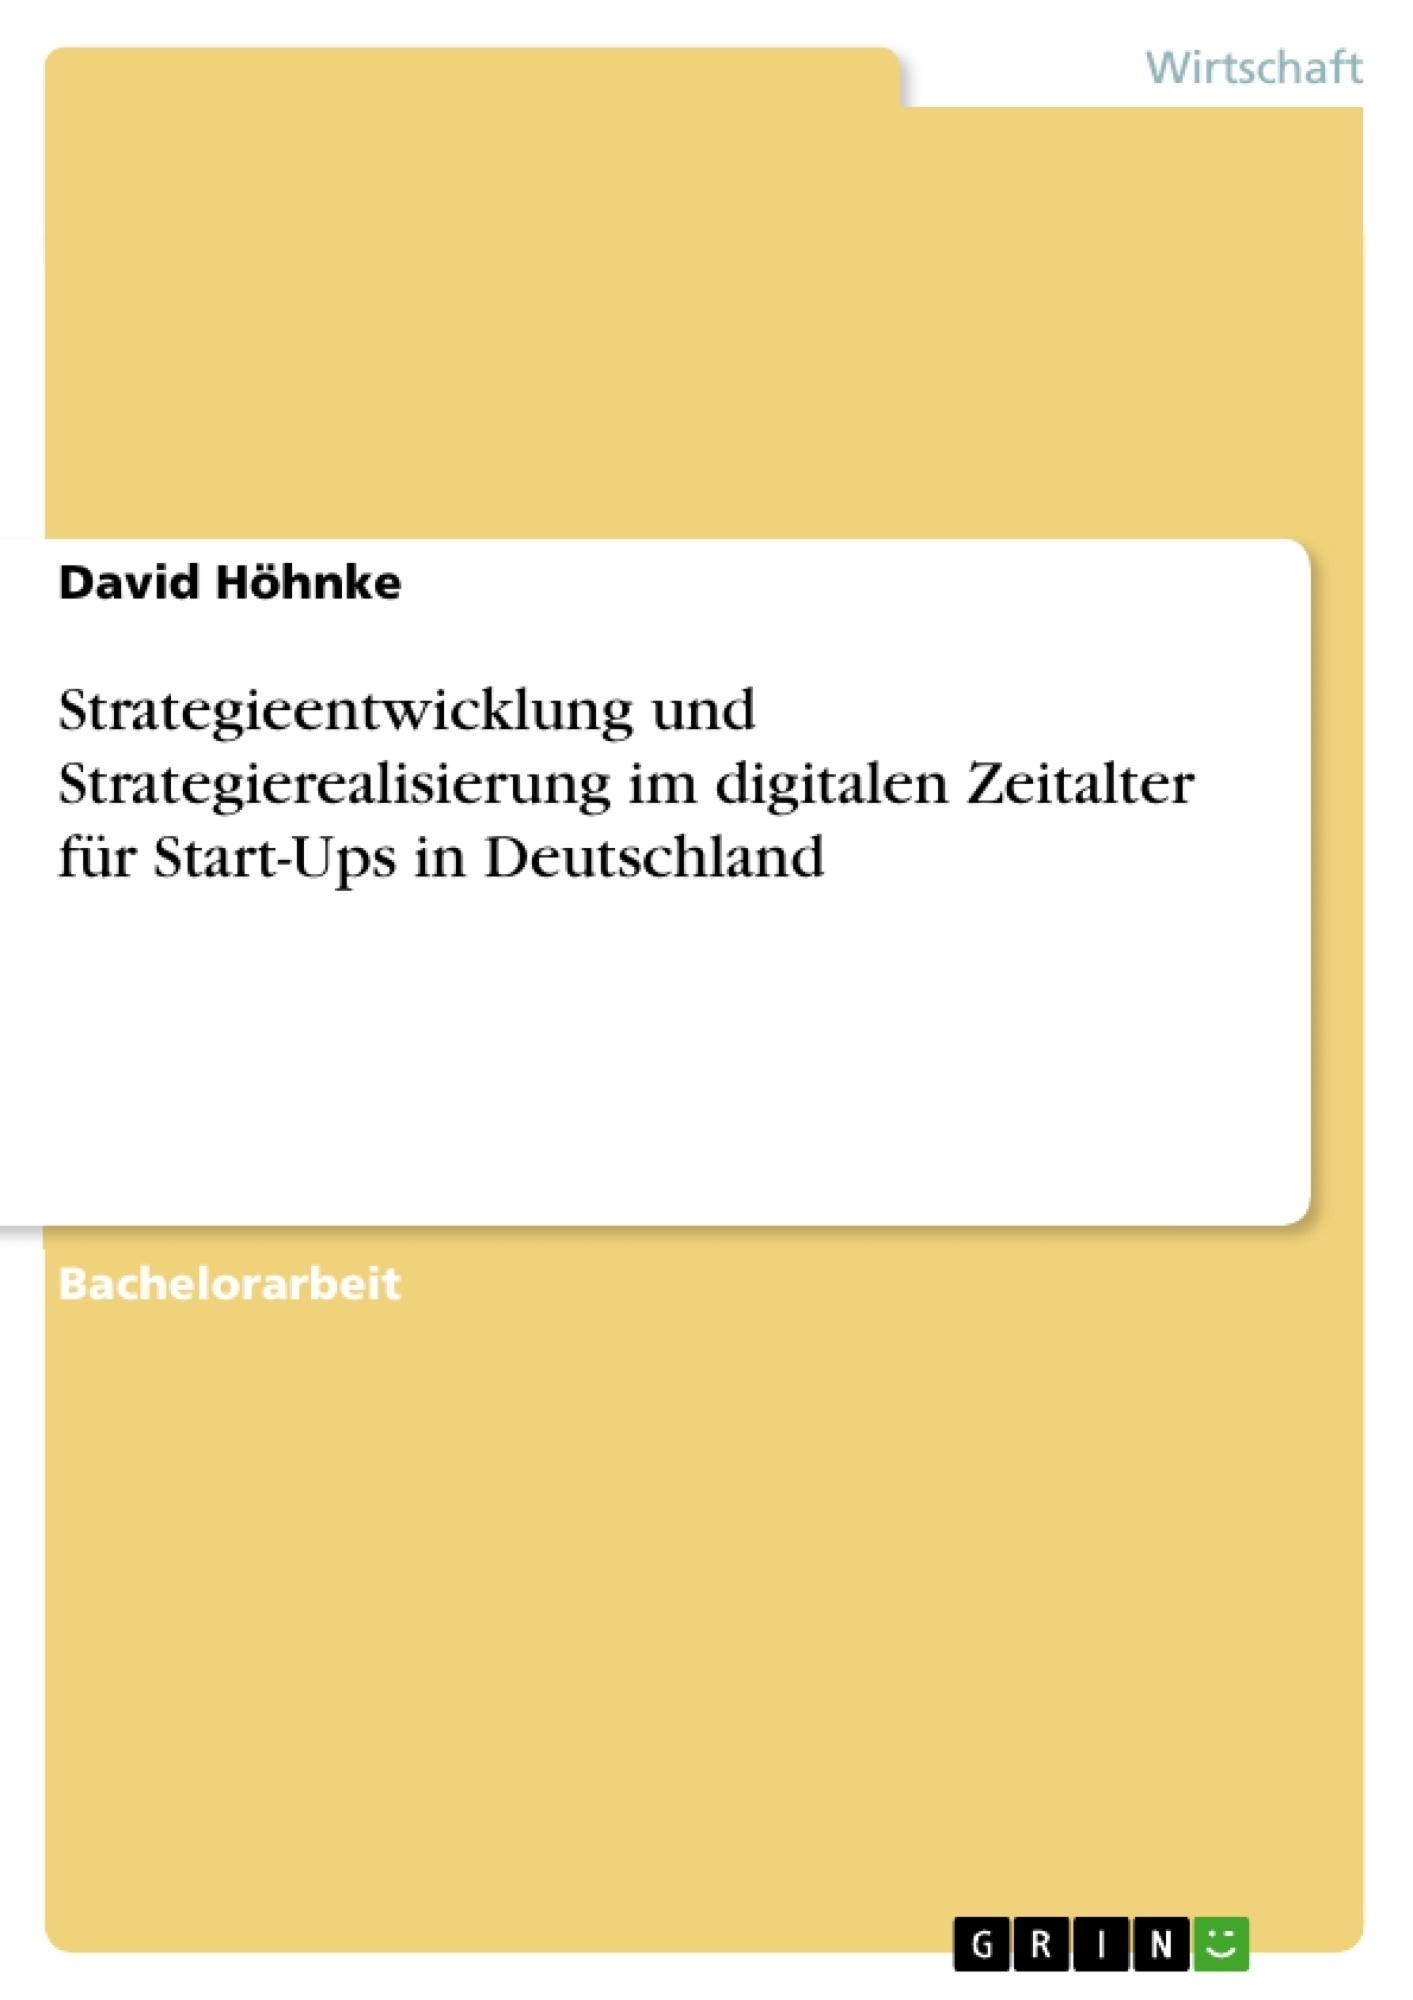 Titel: Strategieentwicklung und Strategierealisierung im digitalen Zeitalter für Start-Ups in Deutschland